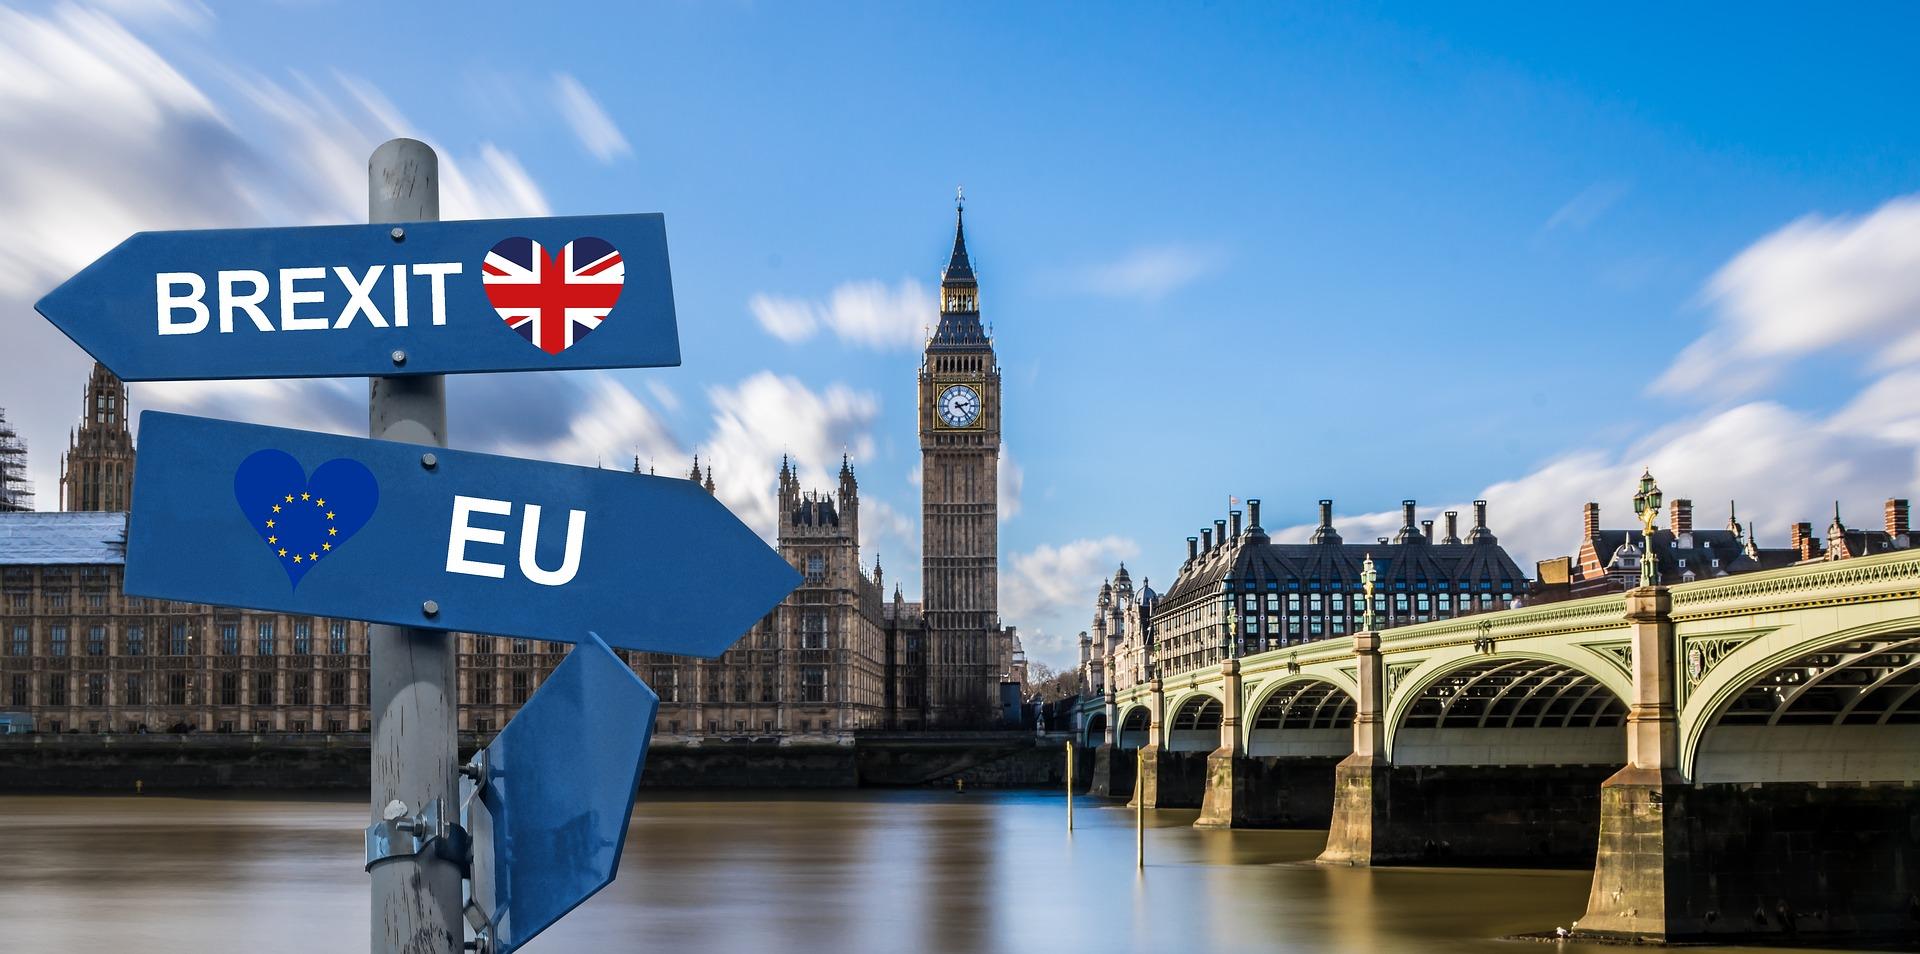 Brexit UK/EU